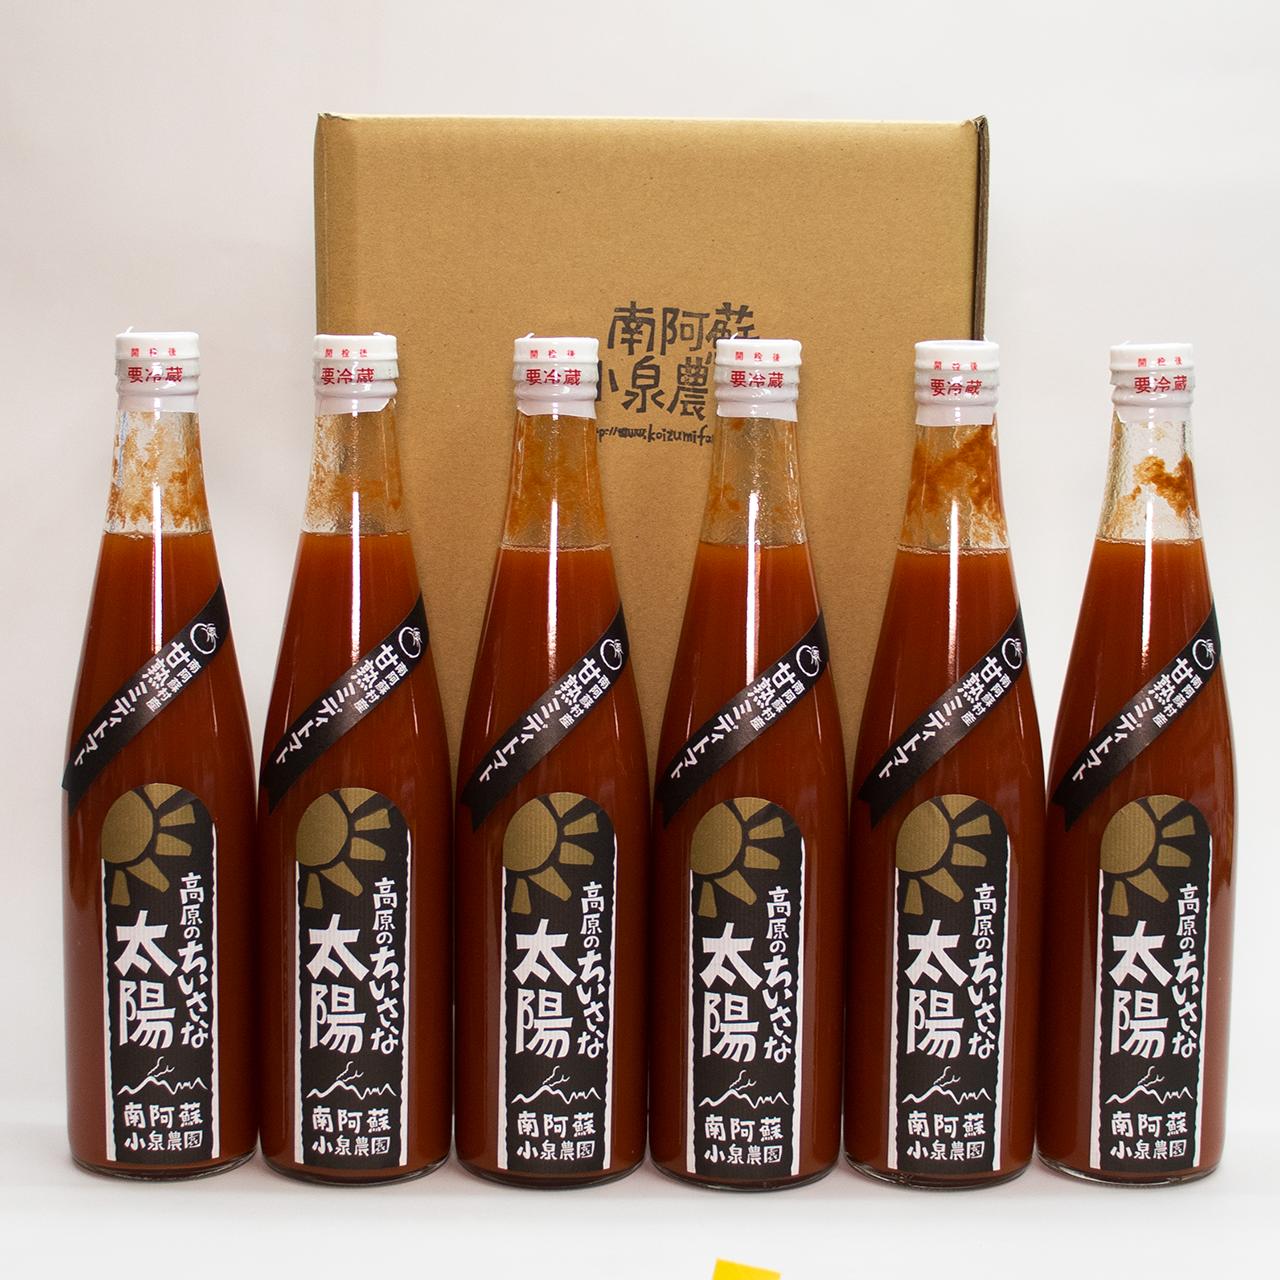 無塩無添加・甘熟ミディトマト100%ジュース -自宅用- 500ml 6本セット(レッド×6)